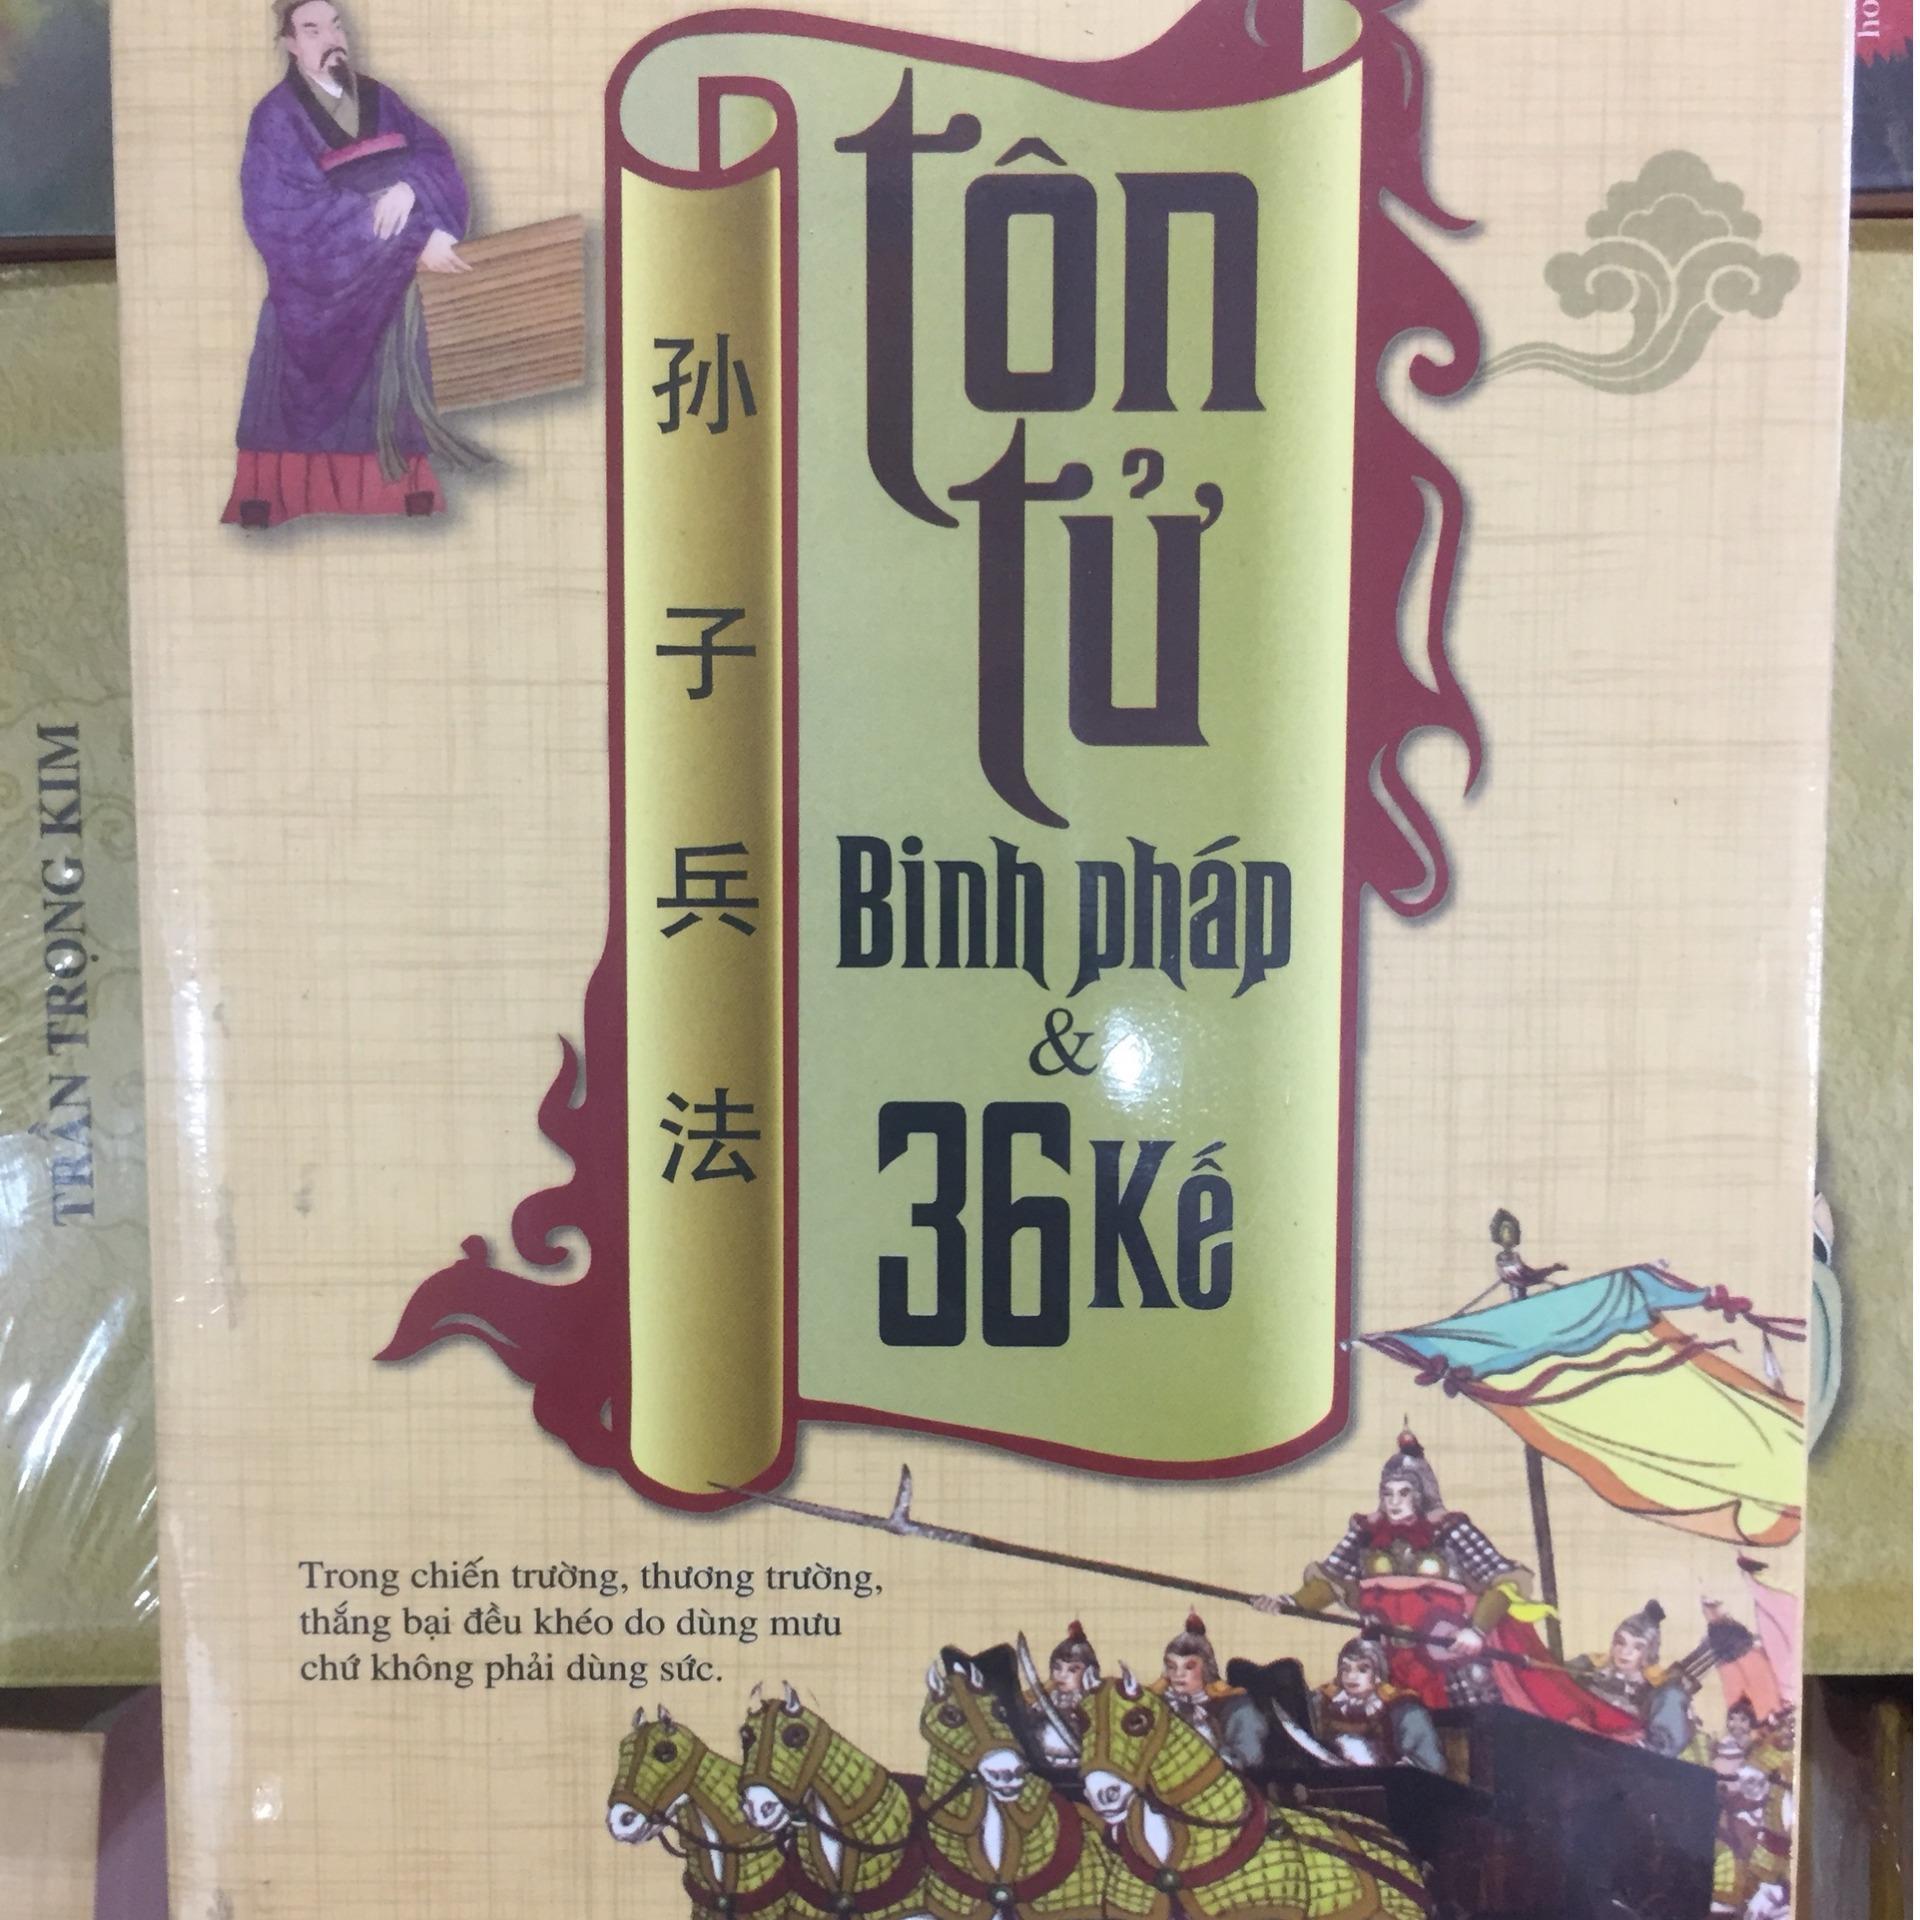 Mua Tôn Tử Binh Pháp Và 36 Kế (Bìa Mềm)